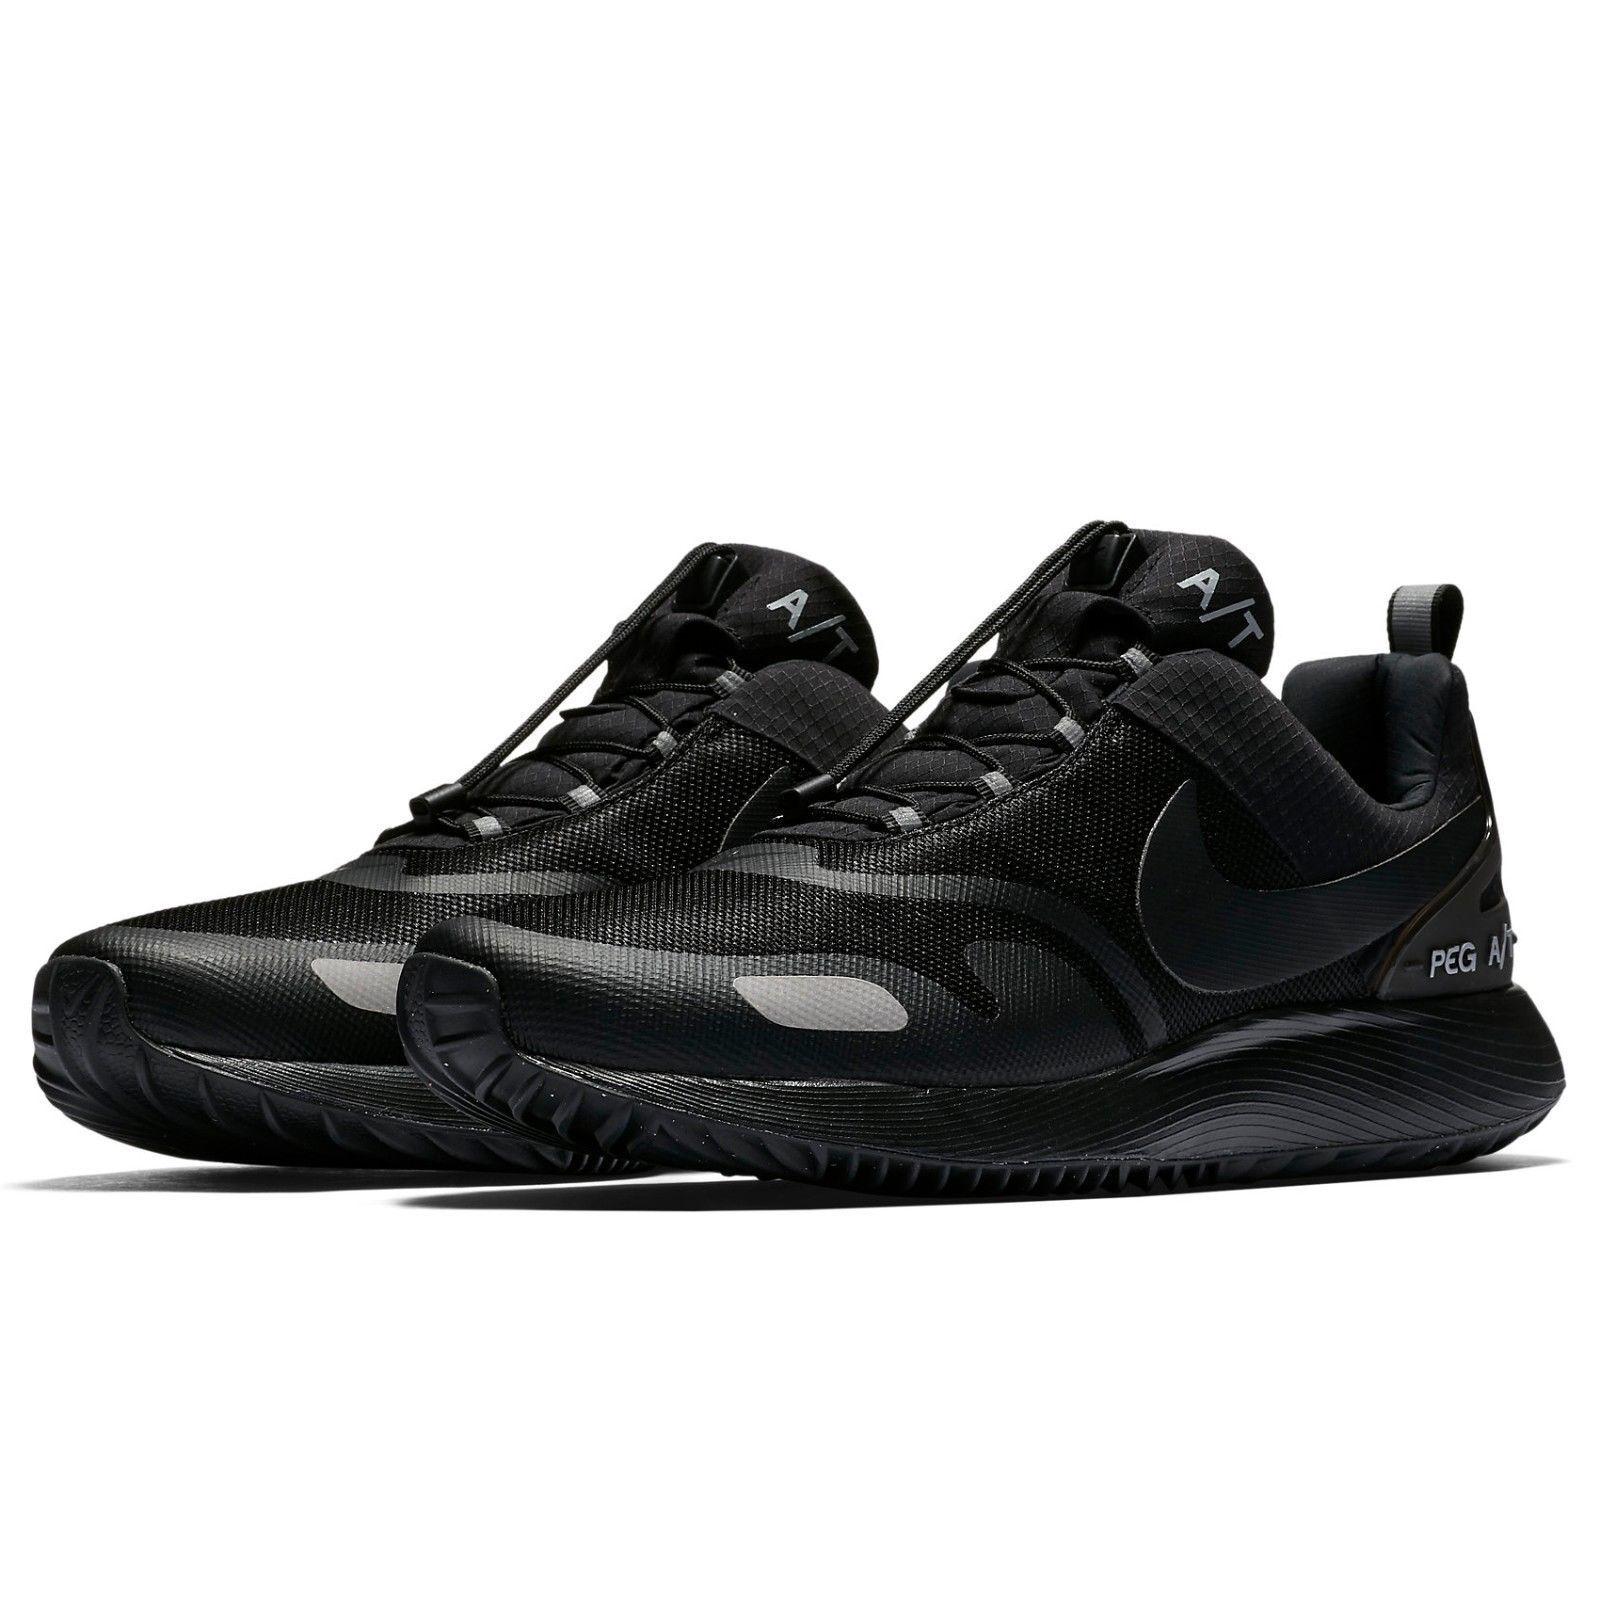 Nike air pegasus a / t winter mens casual schuh schwarzer wolf grau 924497 001